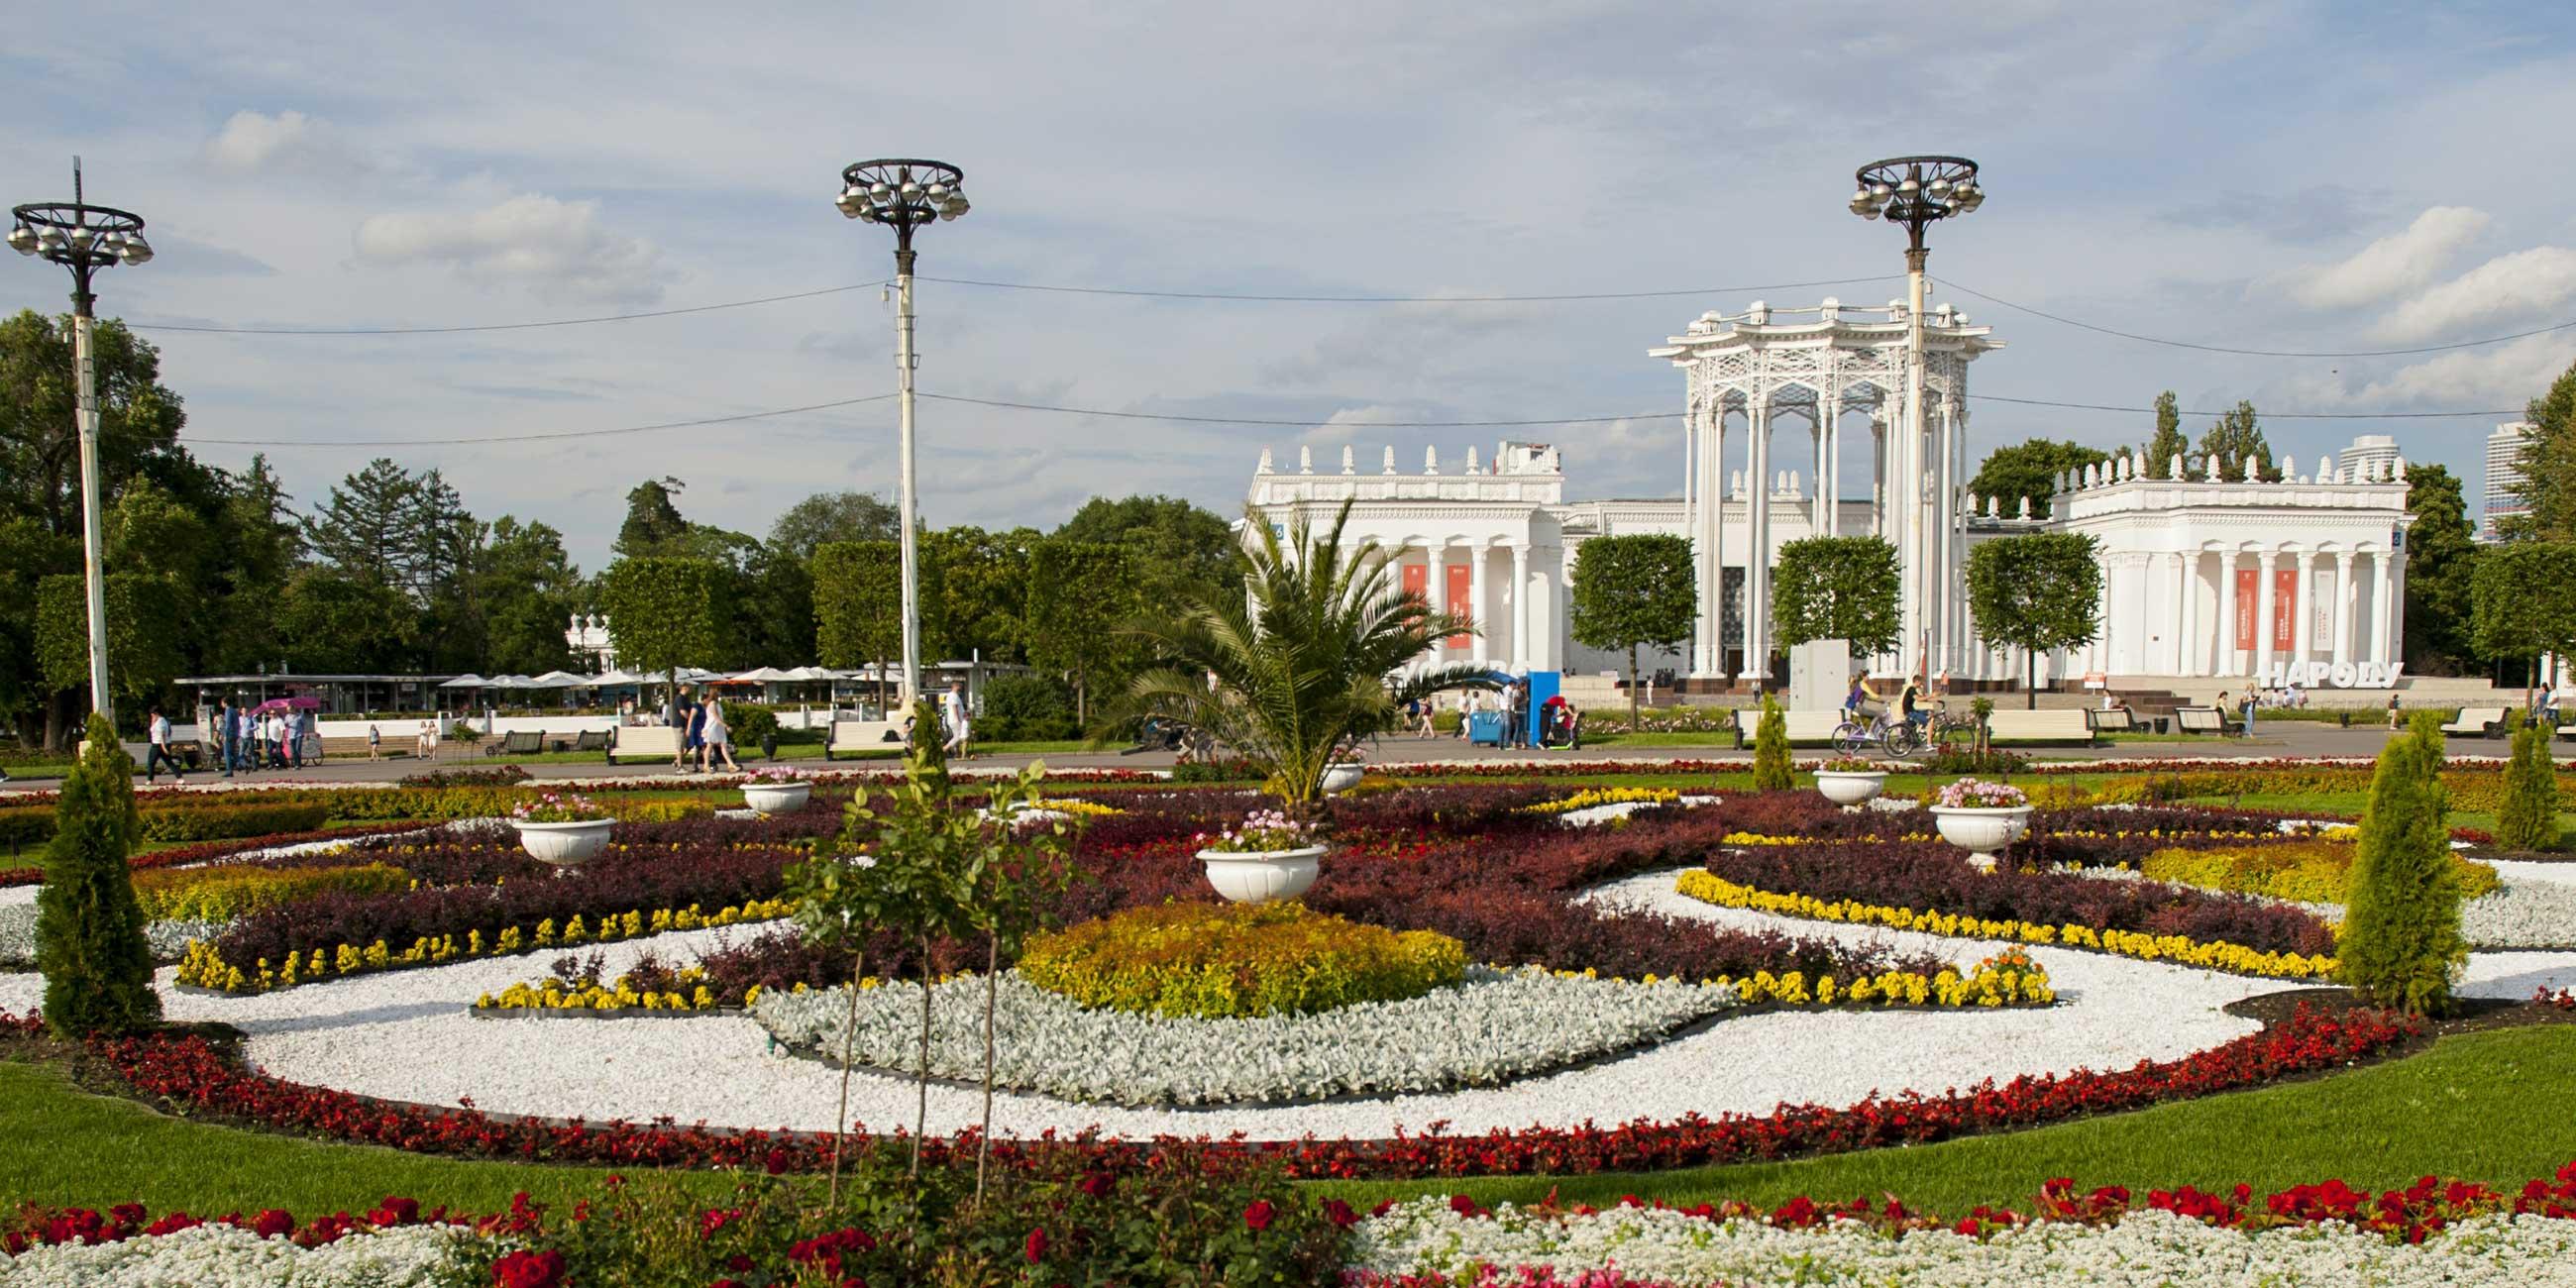 Летом газоны на территории выставки превращаются в цветочные ковры.Фото: globallookpress.com